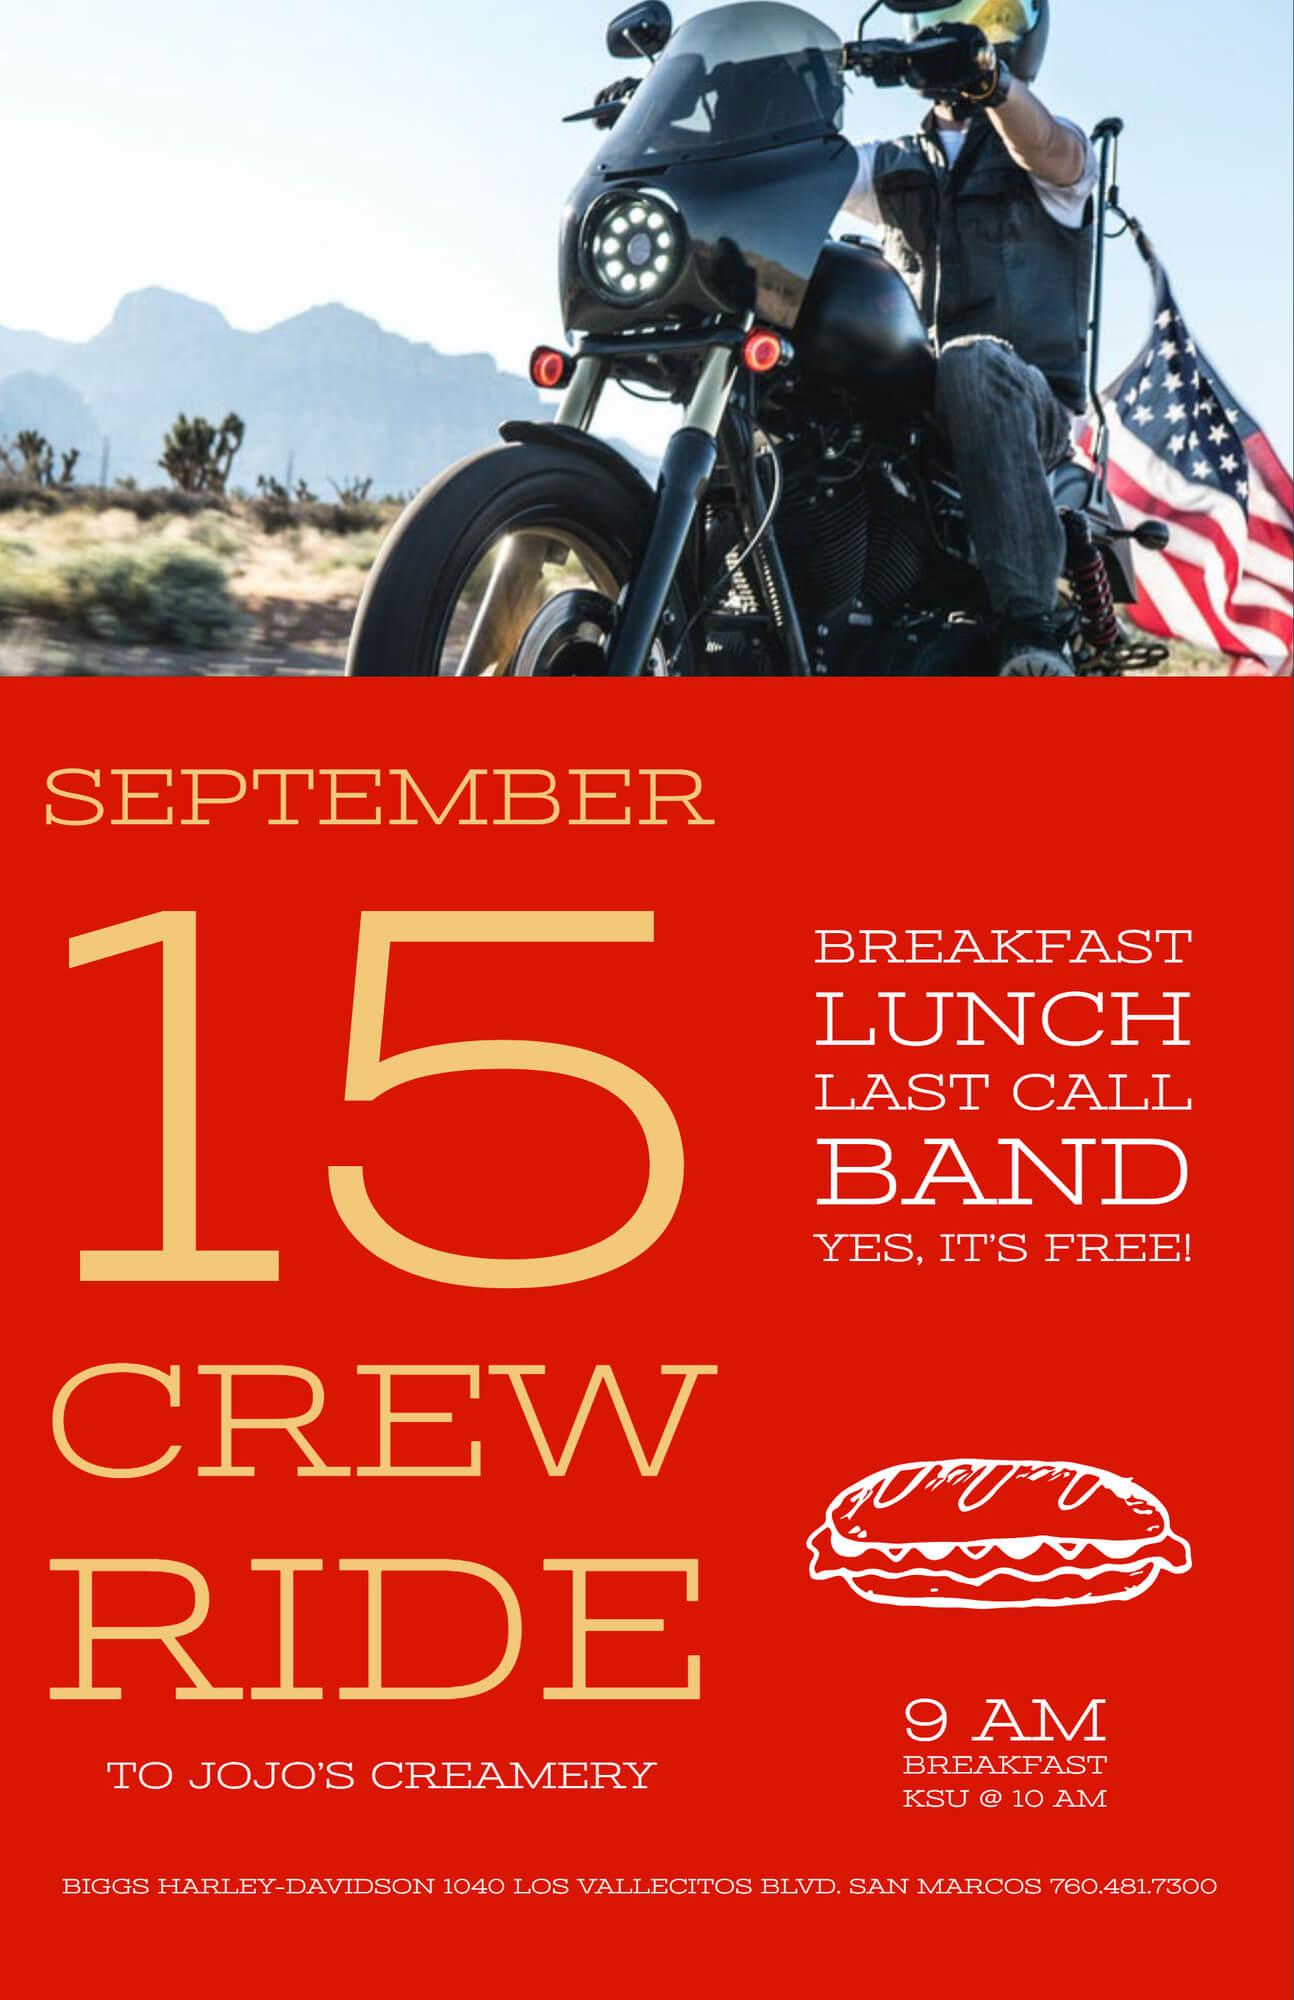 Crew Ride